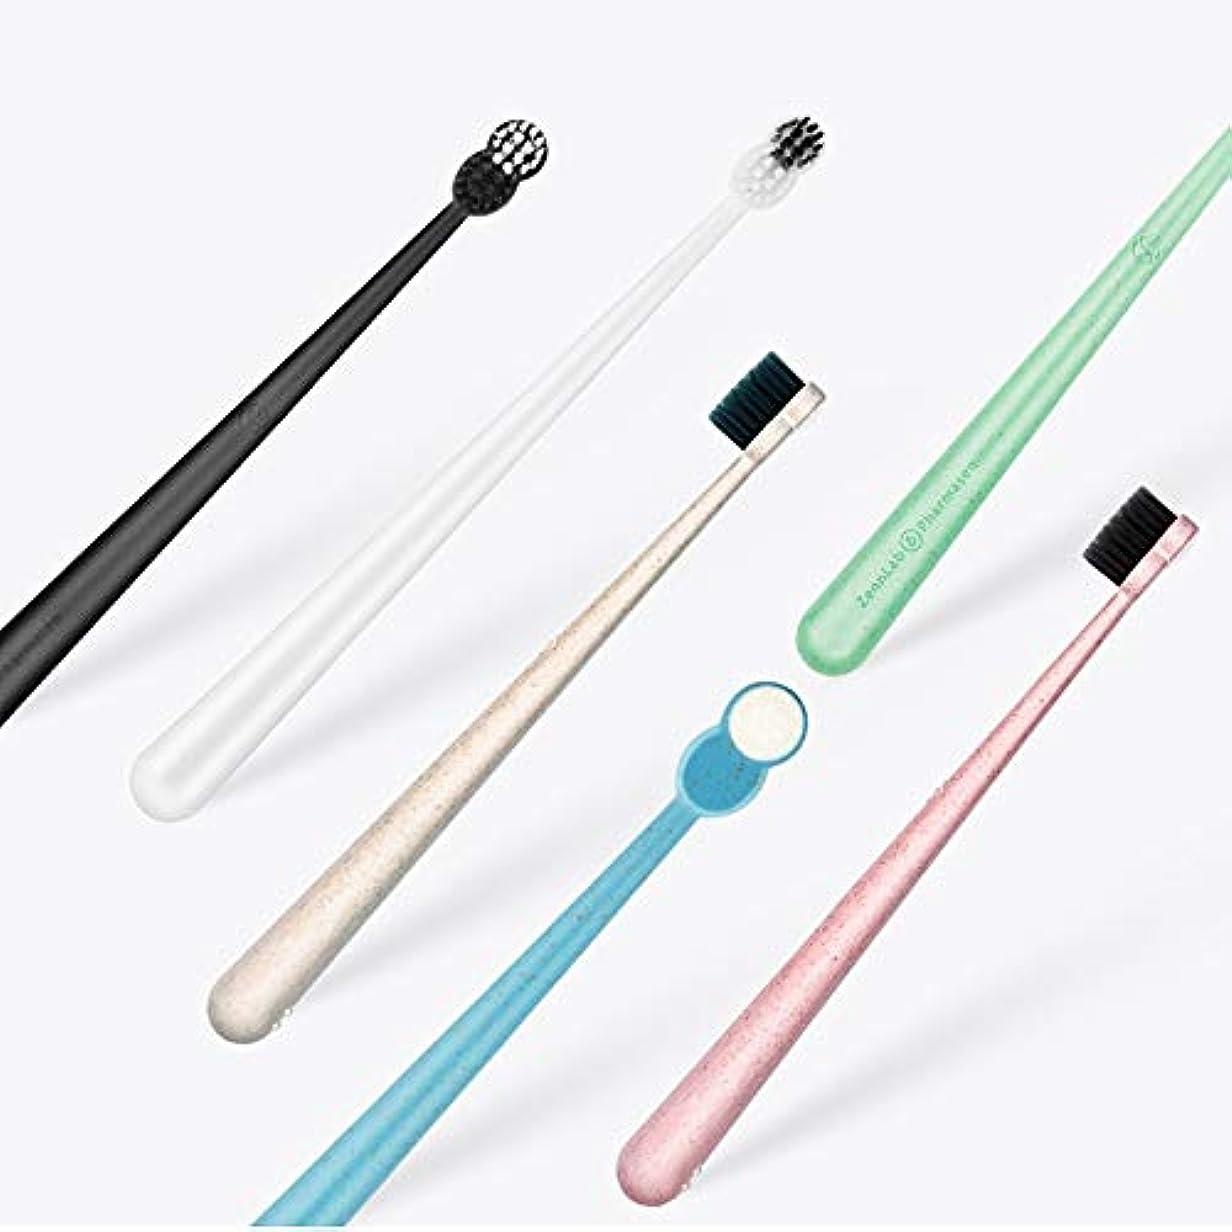 以内に一方、ロースト歯ブラシ 新竹炭歯ブラシ、大人バルク歯ブラシ、8ワード小さなブラシヘッド歯ブラシ - 6パック HL (サイズ : 12 packs)